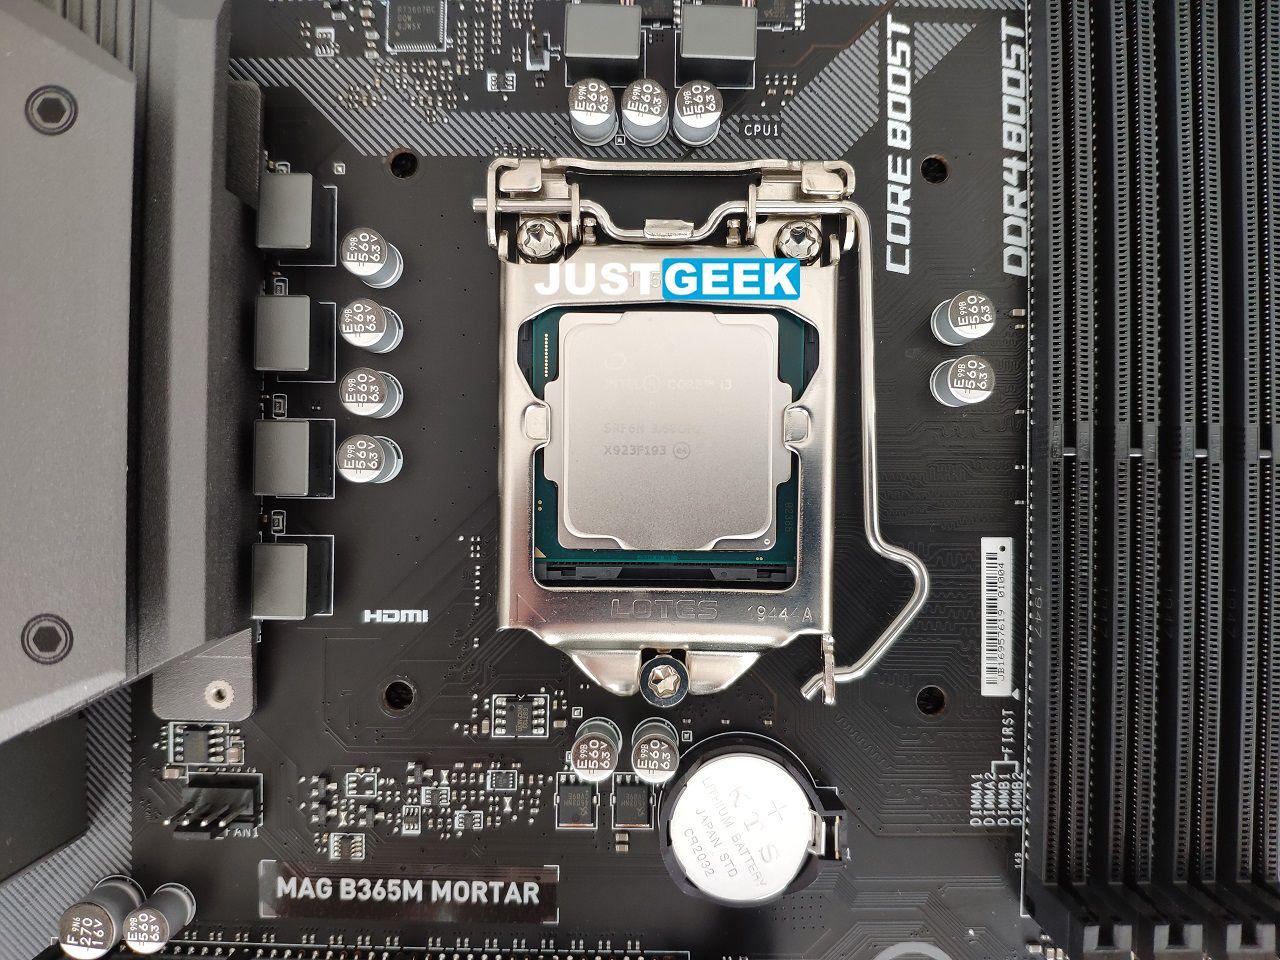 Tutoriel montage PC : Mise en place du processeur dans le socket de la carte-mère